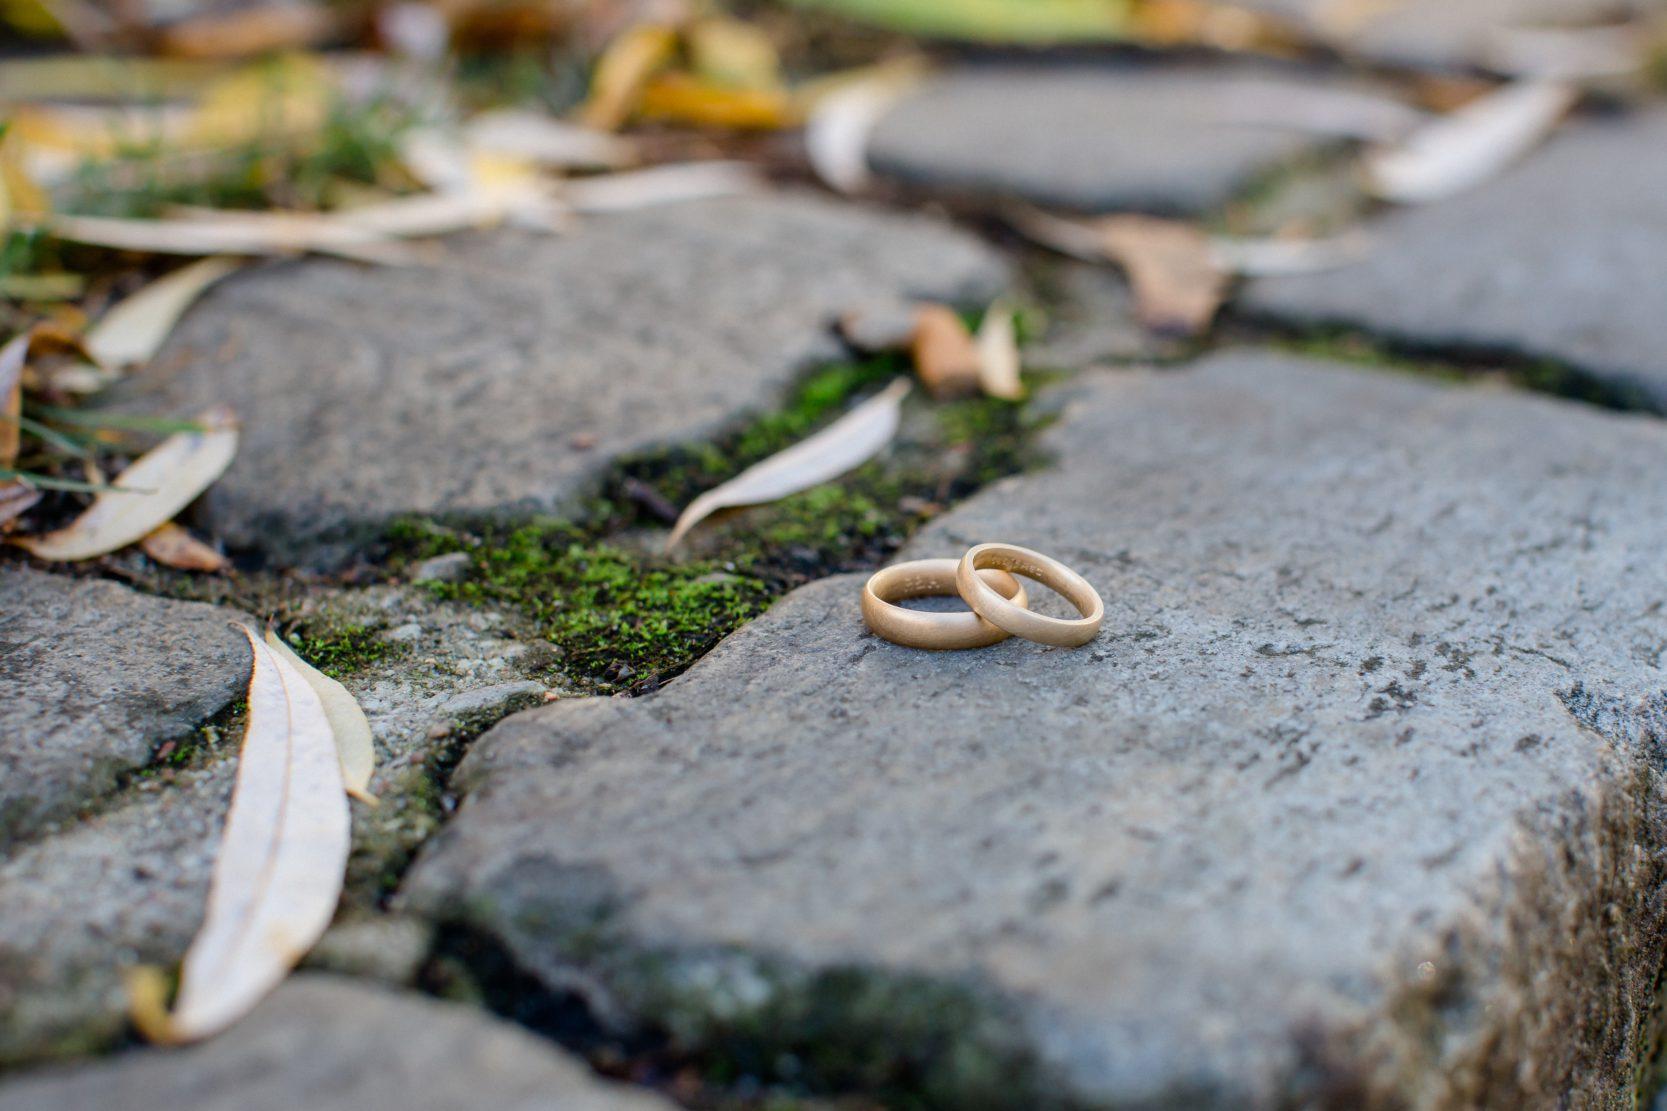 Standesamtliche Hochzeit Hamburg | Standesamt Eimsbüttel | Urbane Hochzeit Hamburg | Daily Malina | Eheringe Jan Spille